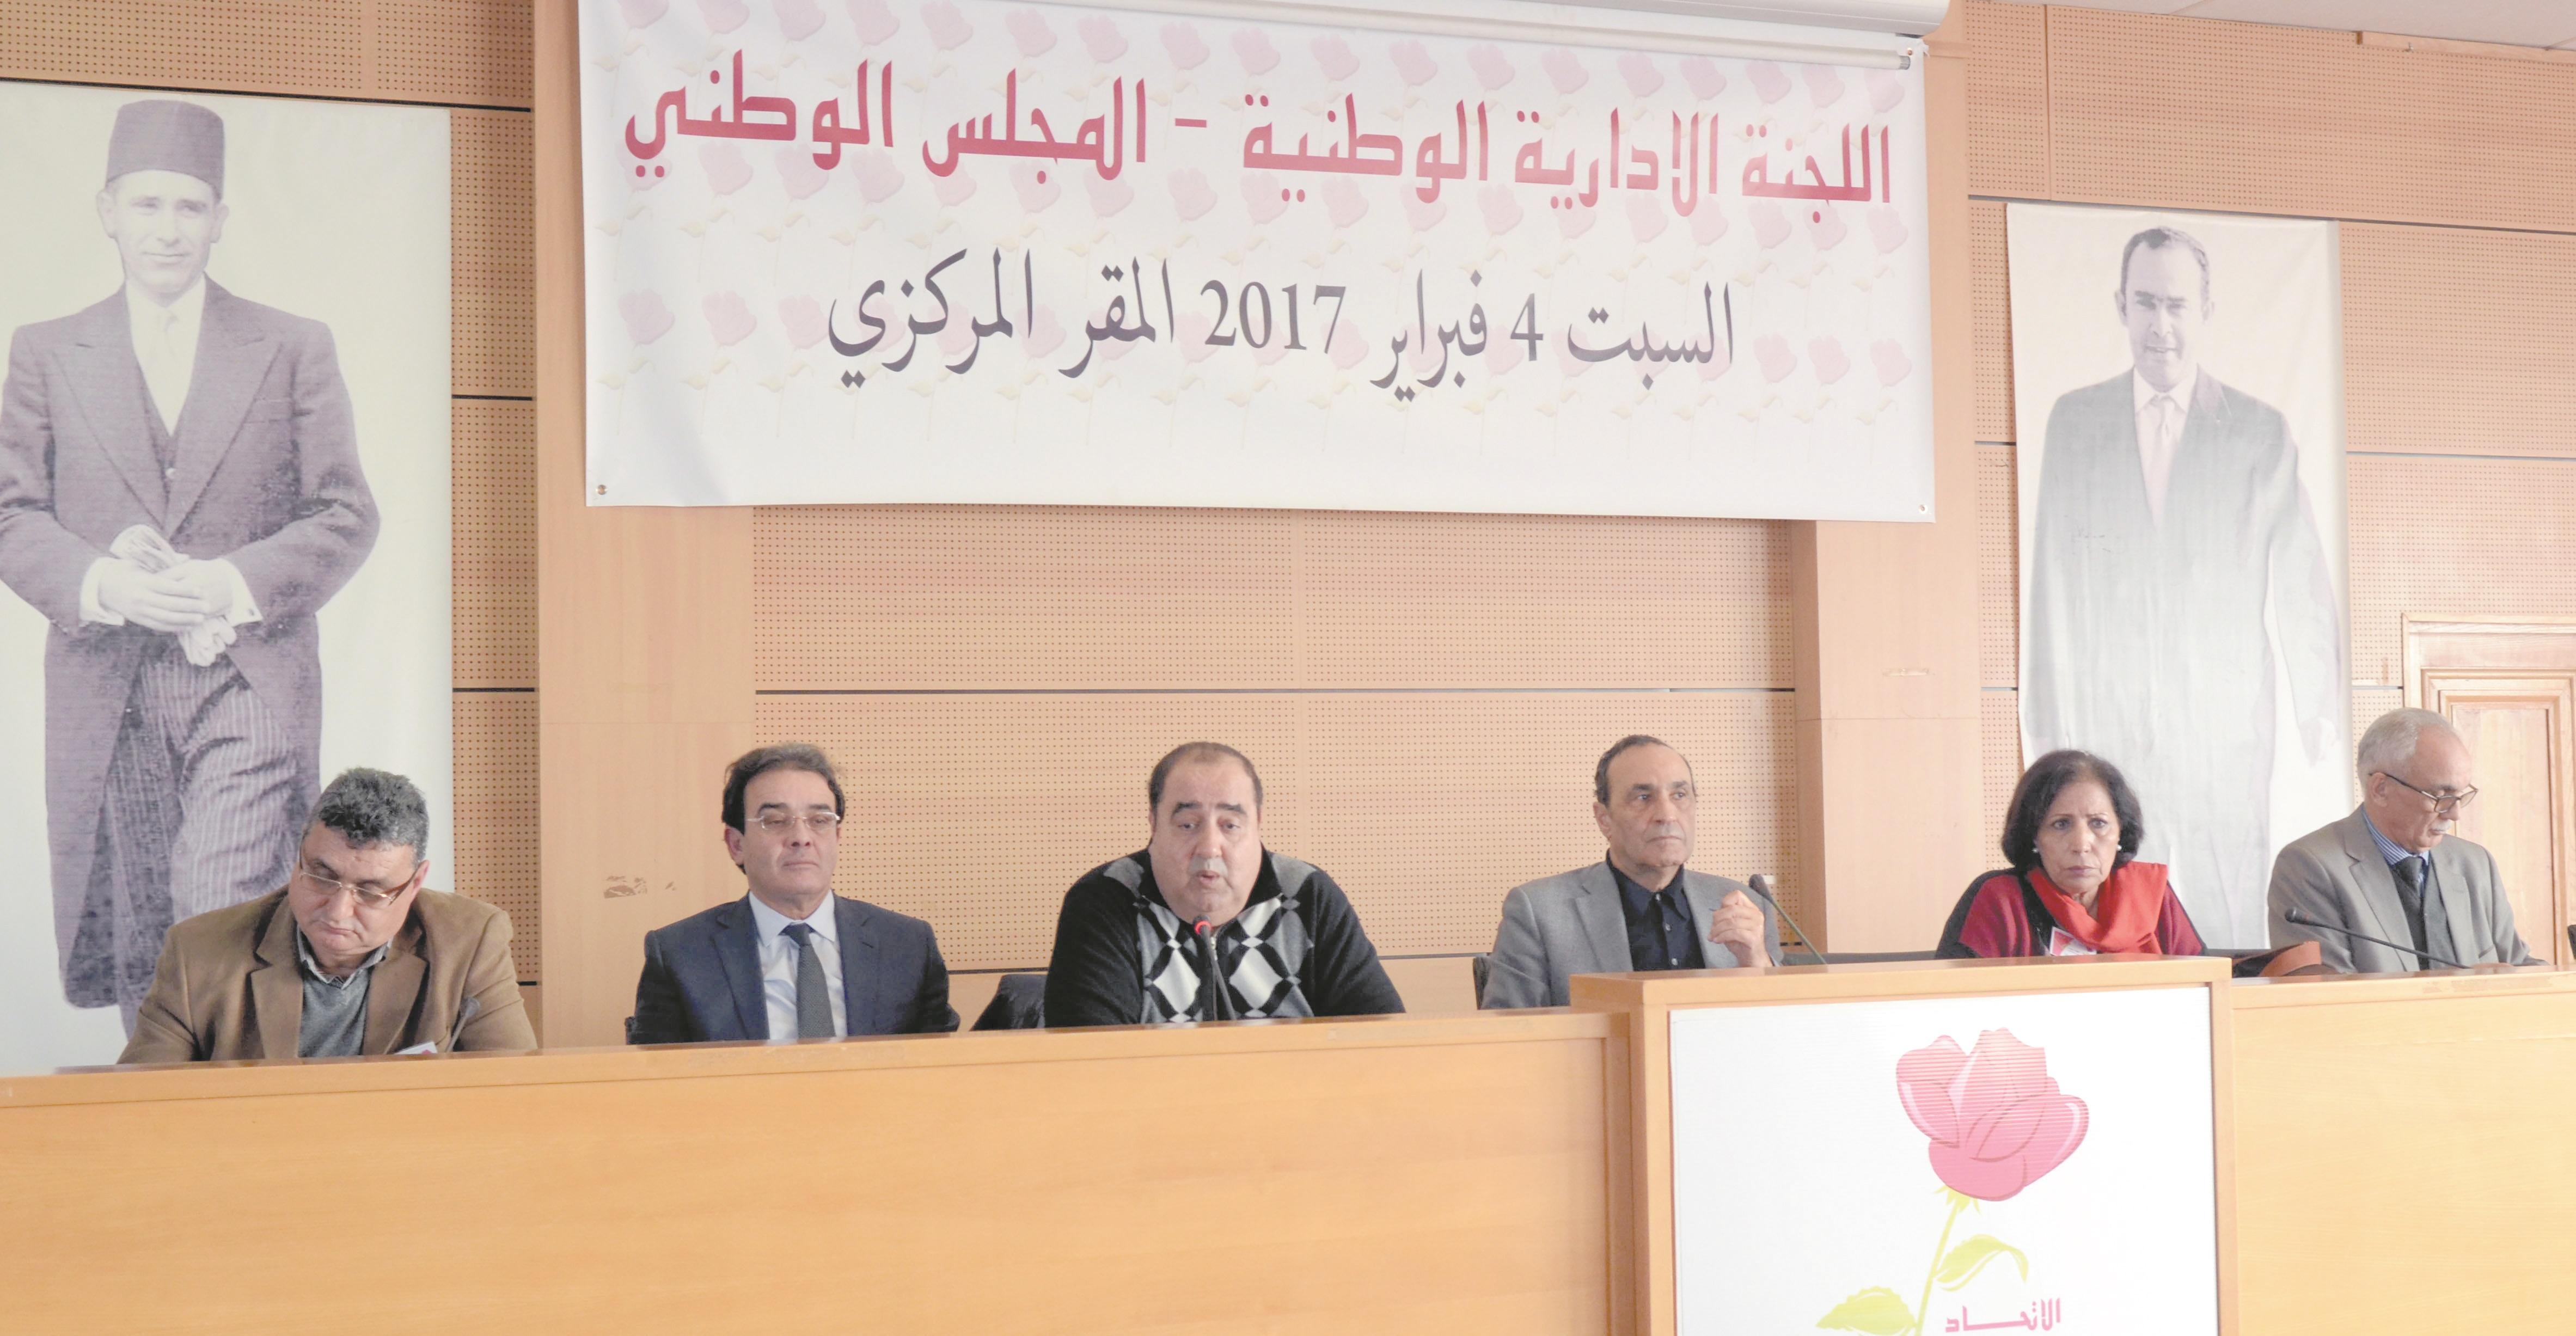 Driss Lachguar: Notre préoccupation est de faire de l'USFP un élément d'équilibre dans le débat sur la formation du gouvernement et la nature de la majorité